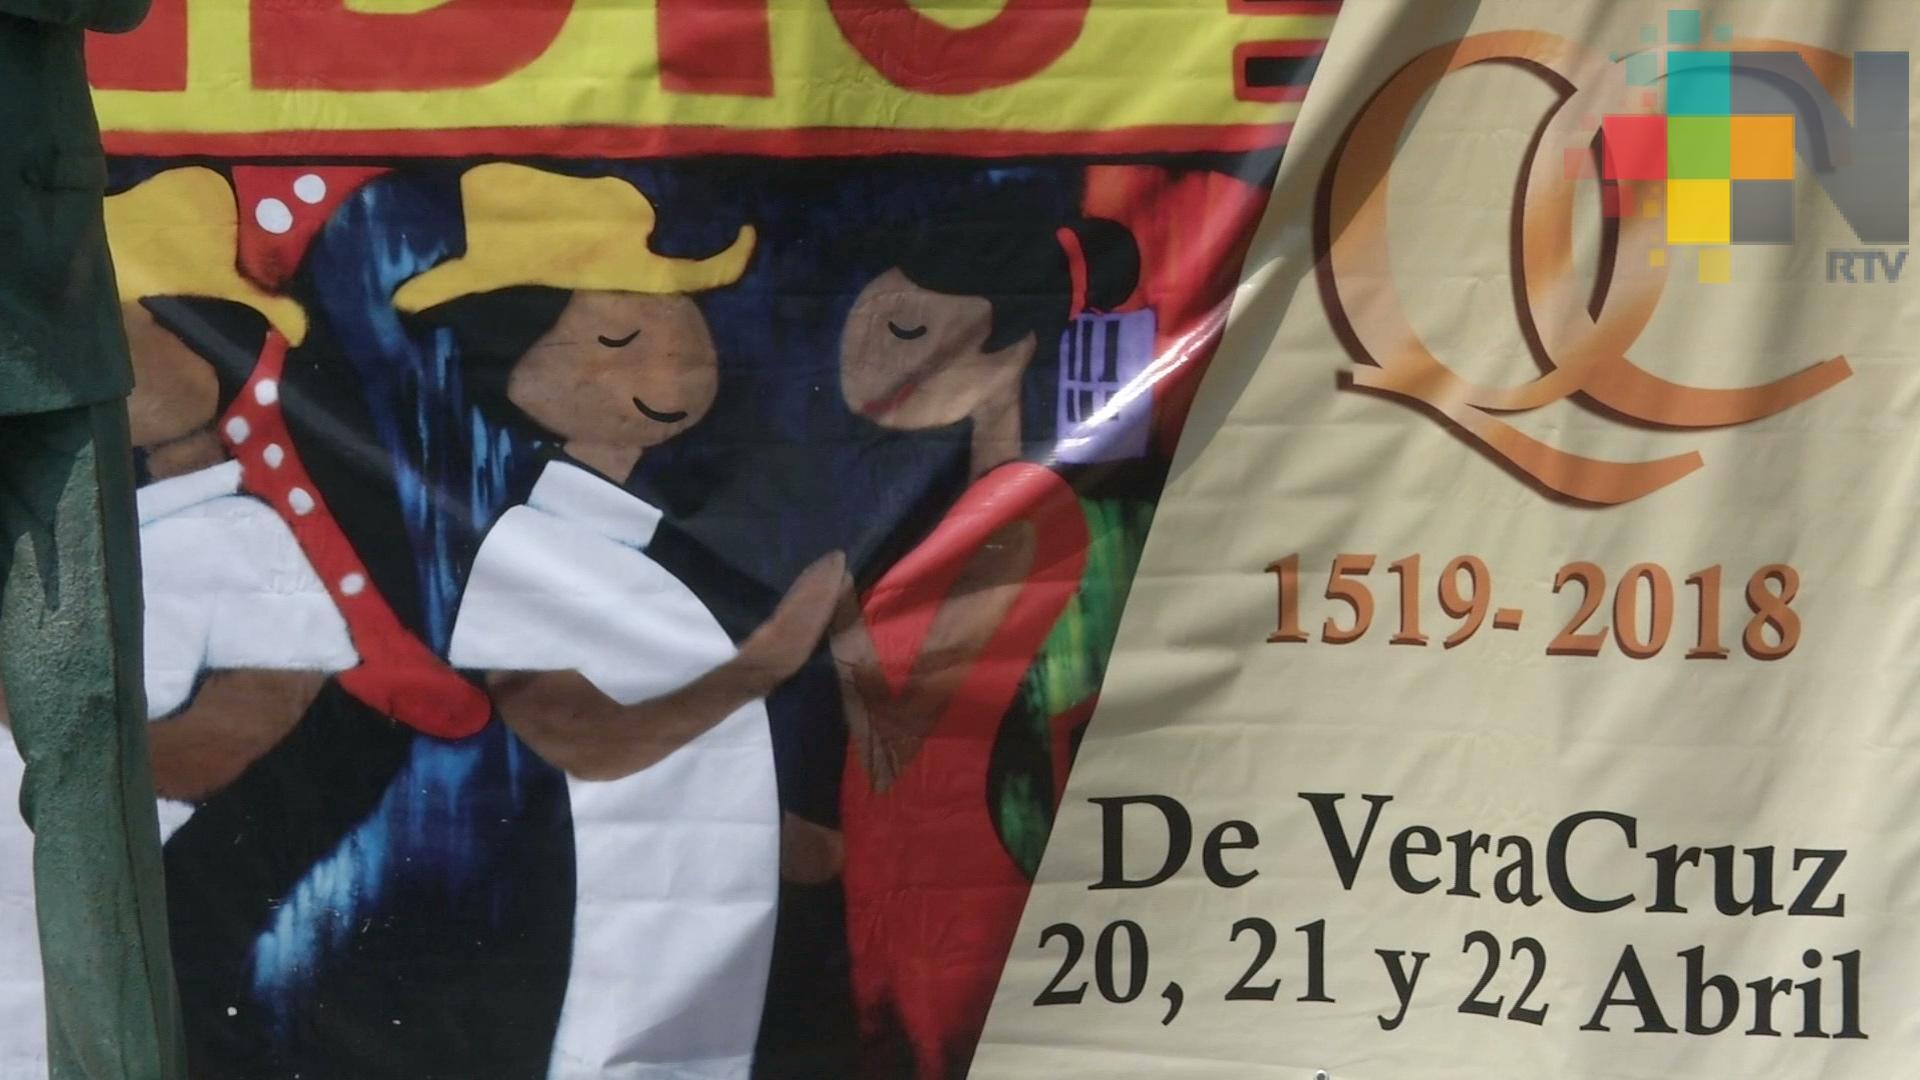 La Huaca celebrará los 499 años de la fundación de la Villa Rica de la Vera Cruz